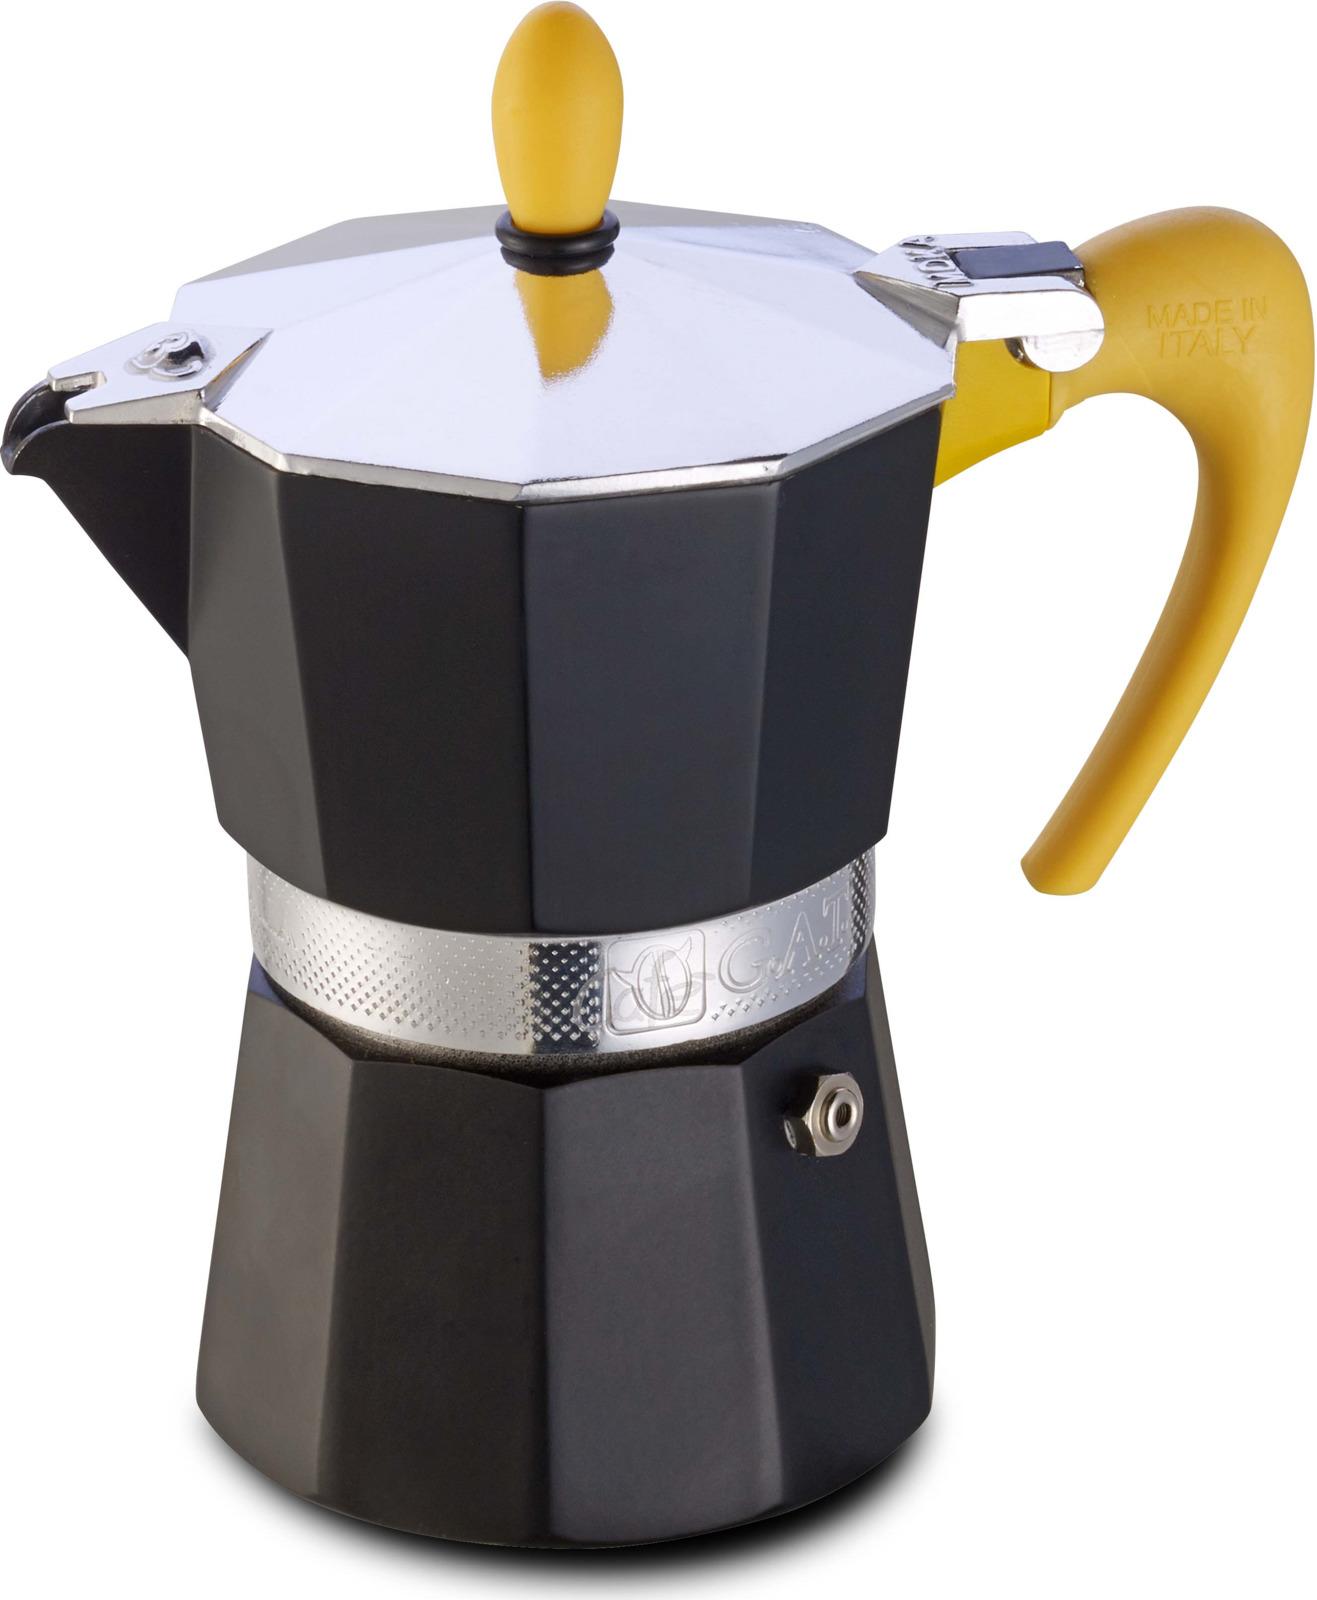 Кофеварка гейзерная G.A.T. 103902 NERISSIMA. Гейзерная кофеварка - это отличная возможность побаловать себя чашечкой великолепного ароматного кофе. Кофеварка рассчитана на 2 чашки. За считанные минуты прибор приготовит ваш любимый напиток и моментально наполнит кухню изумительным ароматом. Прочная алюминиевая основа придает кофеварке легкость и надежность, а стильный дизайн добавит кухонному интерьеру элегантности и особого шарма. Основные отличительные особенности кофеварок Nerissima: удобный носик для наливания кофе; стильный ремень, соединяющий верхнюю и нижнюю части кофеварки; специальное внутреннее покрытие, обеспечивающее легкую очистку и обслуживание; ручка жаростойкого силикона.